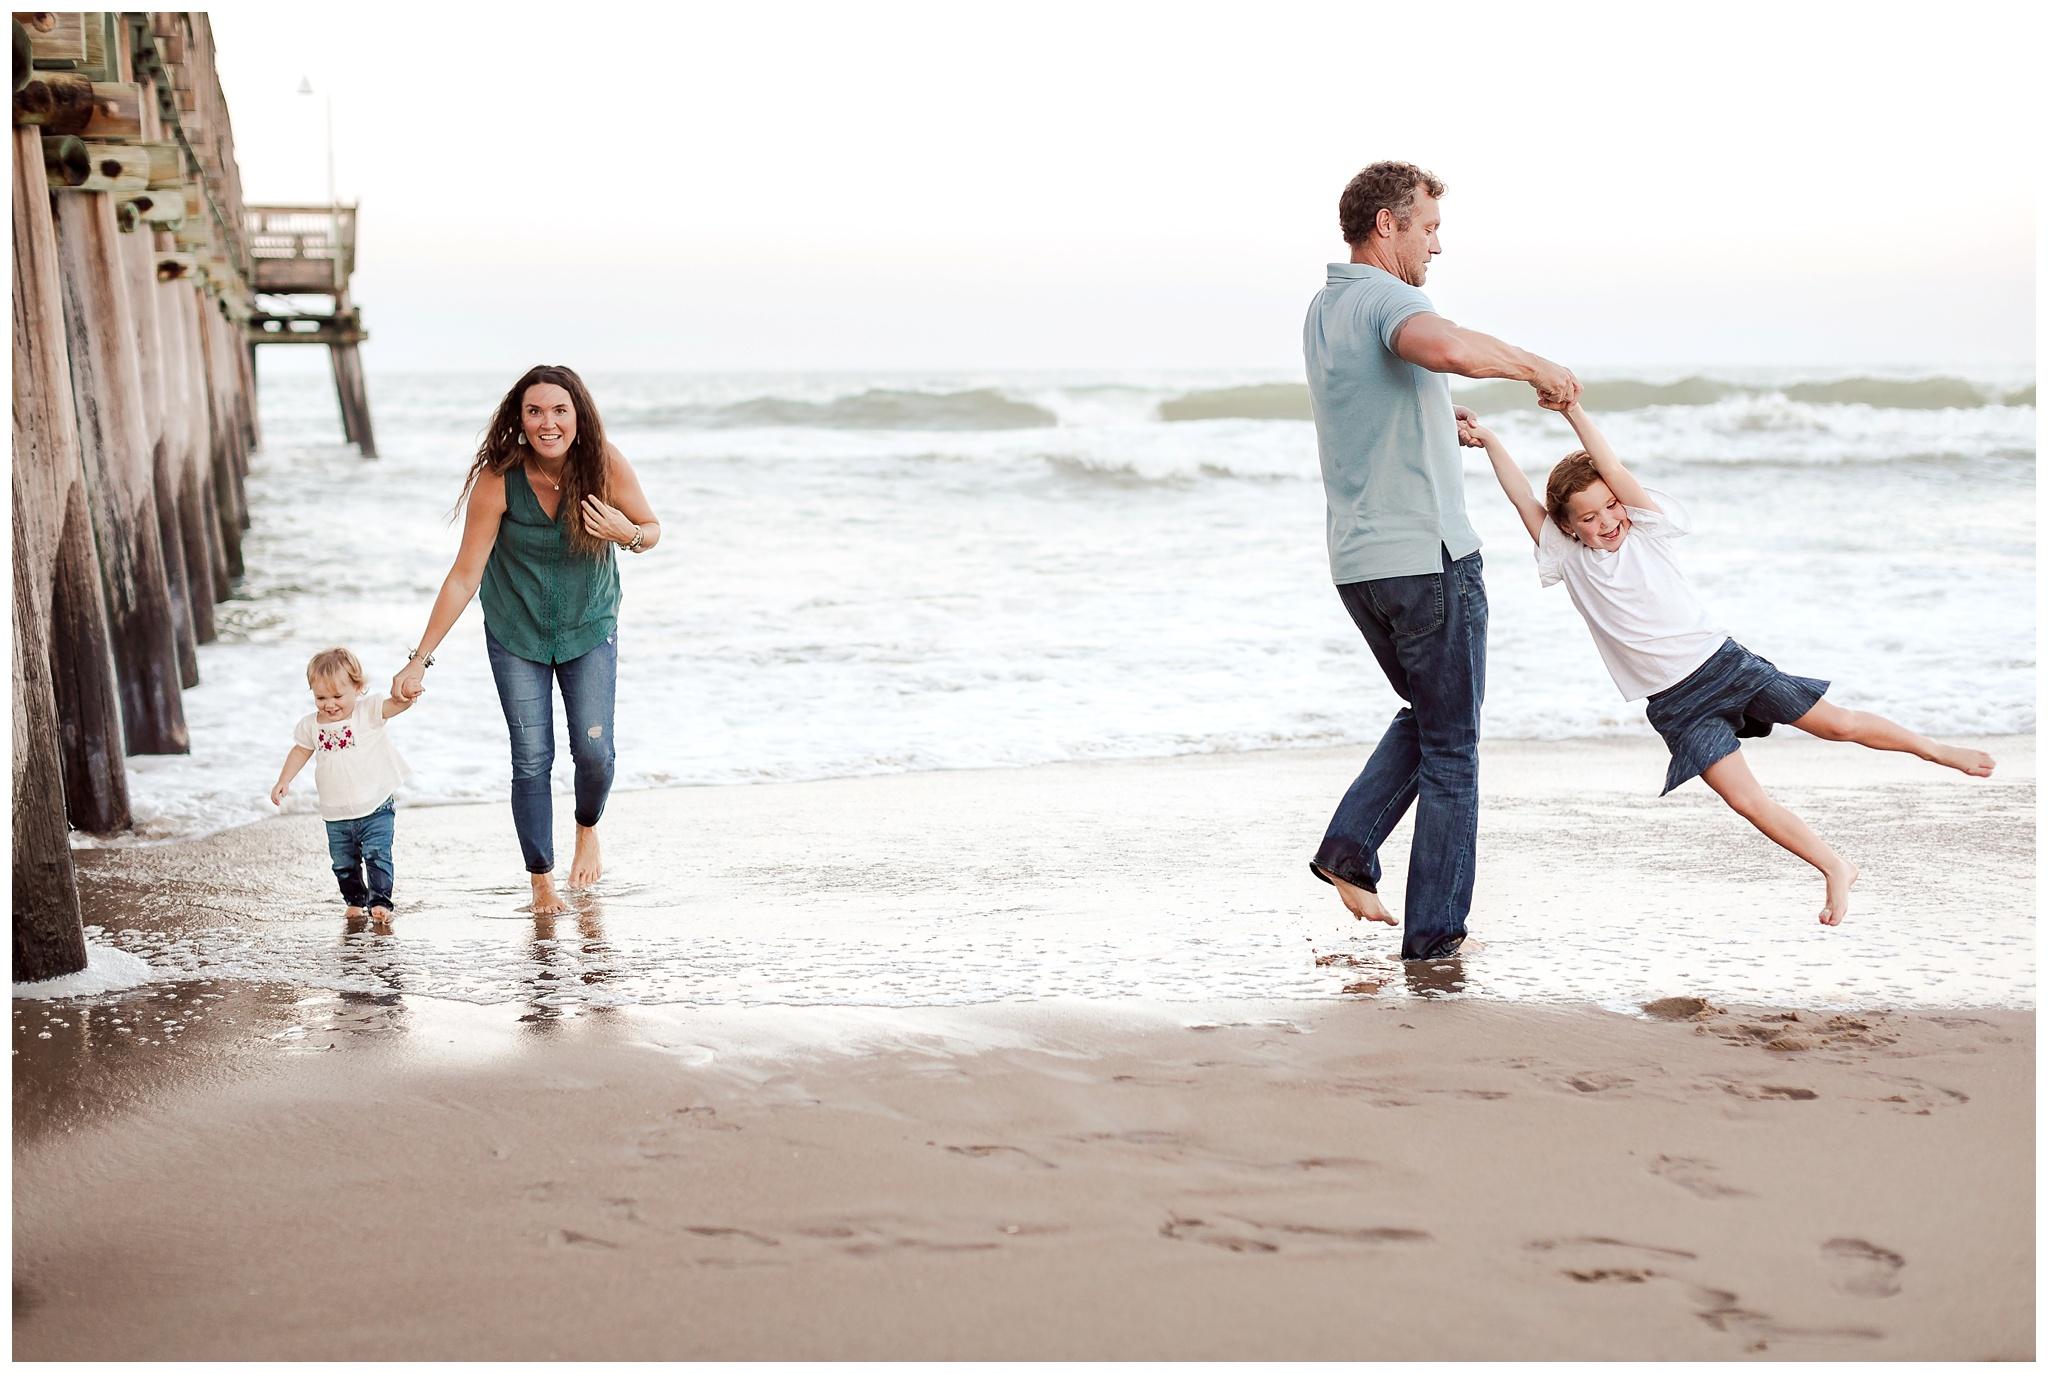 Virginia-Beach-family-photographer_0054.jpg